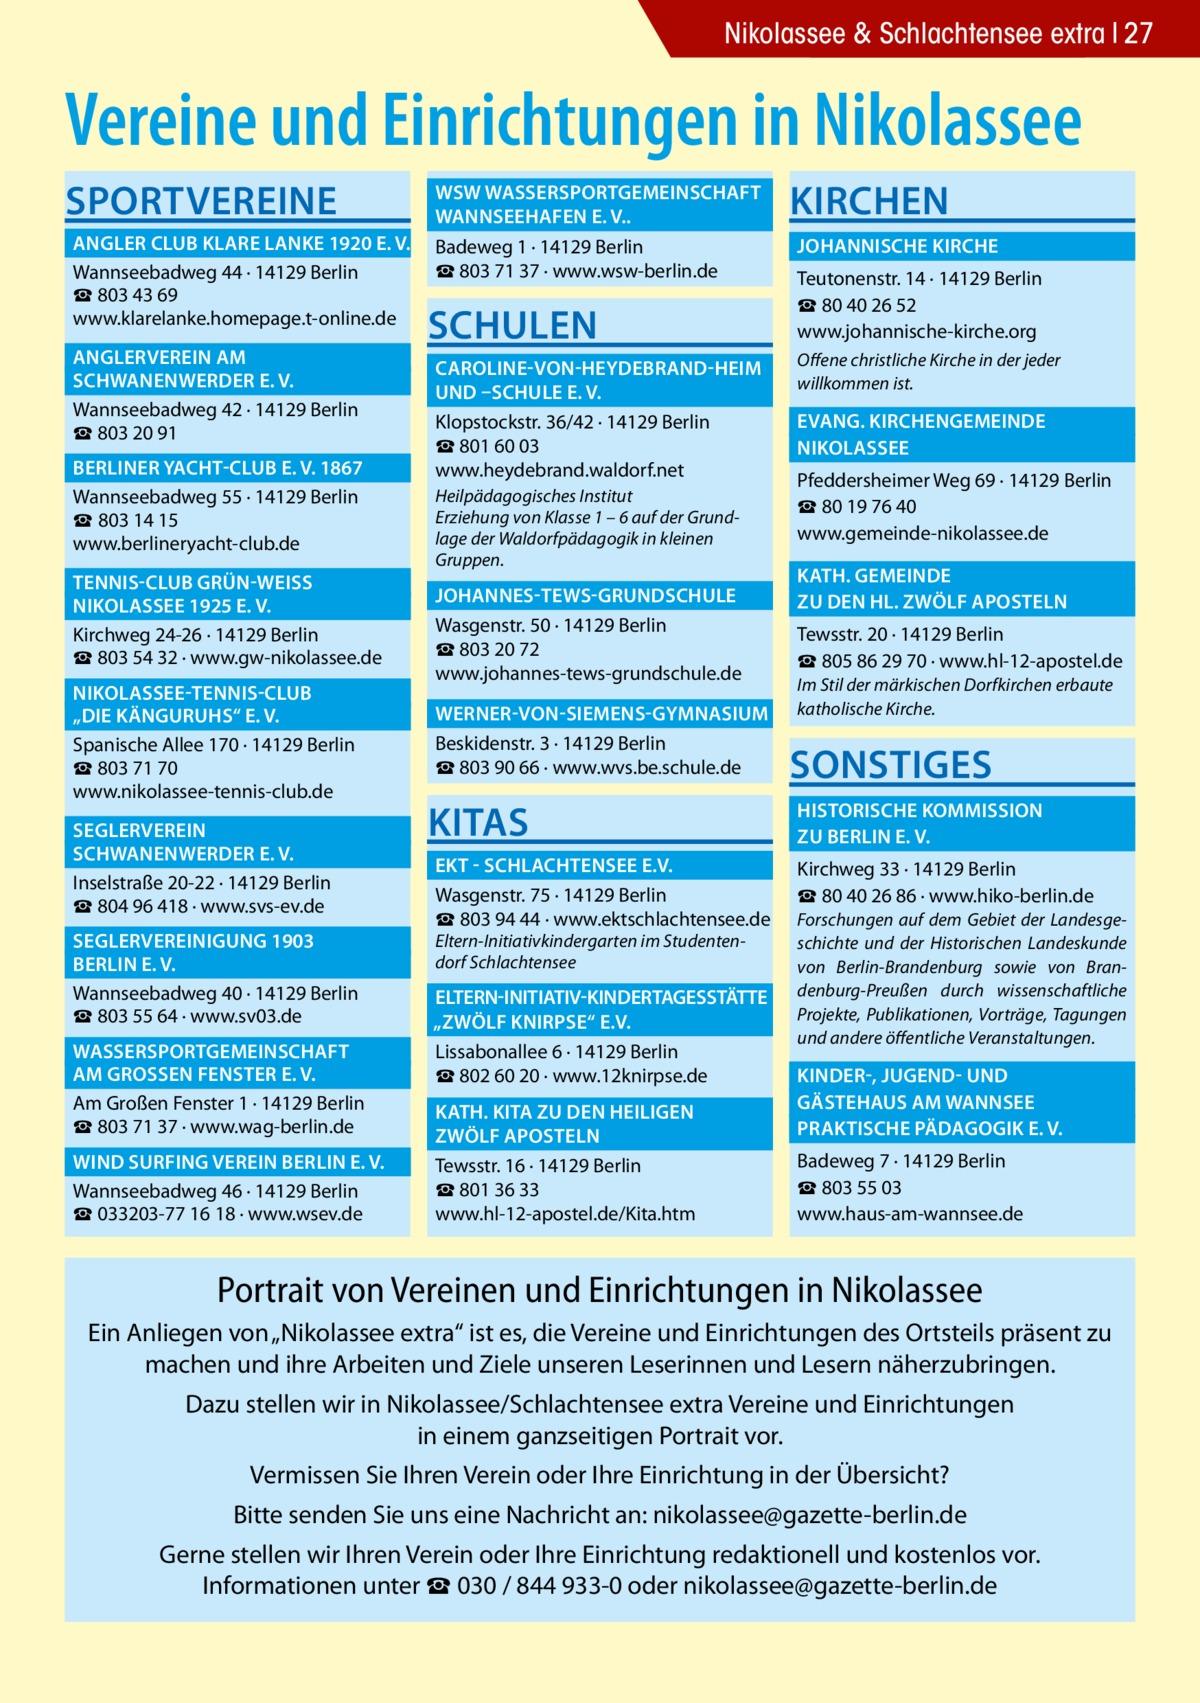 """Nikolassee & Schlachtensee extra 27  Vereine und Einrichtungen in Nikolassee Sportvereine  WSW Wassersportgemeinschaft � Wannseehafen e. V..�  Angler Club Klare Lanke 1920 e. V.� Badeweg 1 · 14129 Berlin ☎803 71 37 · www.wsw-berlin.de Wannseebadweg 44 · 14129 Berlin ☎ 803 43 69 www.klarelanke.homepage.t-online.de  Anglerverein Am�  Schwanenwerder e. V.� Wannseebadweg 42 · 14129 Berlin ☎ 803 20 91  Berliner Yacht-Club e. V. 1867� Wannseebadweg 55 · 14129 Berlin ☎ 803 14 15 www.berlineryacht-club.de Tennis-Club Grün-WeiSS �  Nikolassee 1925 e. V.� Kirchweg 24-26 · 14129 Berlin ☎ 803 54 32 · www.gw-nikolassee.de  Nikolassee-Tennis-Club �  """"Die Känguruhs"""" e. V.� Spanische Allee 170 · 14129 Berlin ☎803 71 70 www.nikolassee-tennis-club.de Seglerverein�  Schwanenwerder e. V.� Inselstraße 20-22 · 14129 Berlin ☎804 96 418 · www.svs-ev.de  Seglervereinigung 1903 �  Berlin e. V.� Wannseebadweg 40 · 14129 Berlin ☎803 55 64 · www.sv03.de Wassersportgemeinschaft � am GroSSen Fenster e. V.� Am Großen Fenster 1 · 14129 Berlin ☎803 71 37 · www.wag-berlin.de Wind Surfing Verein Berlin e. V.� Wannseebadweg 46 · 14129 Berlin ☎033203-77 16 18 · www.wsev.de  Schulen  Kirchen  Johannische Kirche � Teutonenstr. 14 · 14129 Berlin ☎ 80 40 26 52 www.johannische-kirche.org   Caroline-von-Heydebrand-Heim � Offene christliche Kirche in der jeder willkommen ist. und –Schule e. V. � Evang. Kirchengemeinde � Klopstockstr. 36/42 · 14129 Berlin ☎801 60 03 Nikolassee� www.heydebrand.waldorf.net Pfeddersheimer Weg 69 · 14129 Berlin Heilpädagogisches Institut ☎80 19 76 40 Erziehung von Klasse 1 – 6 auf der Grundwww.gemeinde-nikolassee.de lage der Waldorfpädagogik in kleinen Gruppen.   Johannes-Tews-Grundschule � Wasgenstr. 50 · 14129 Berlin ☎803 20 72 www.johannes-tews-grundschule.de   Kath. gemeinde � zu den Hl. Zwölf Aposteln � Tewsstr. 20 · 14129 Berlin ☎805 86 29 70 · www.hl-12-apostel.de Im Stil der märkischen Dorfkirchen erbaute katholische Kirche.  Werner-von-Siemens-Gymnasium � Beskidenstr. 3 · """